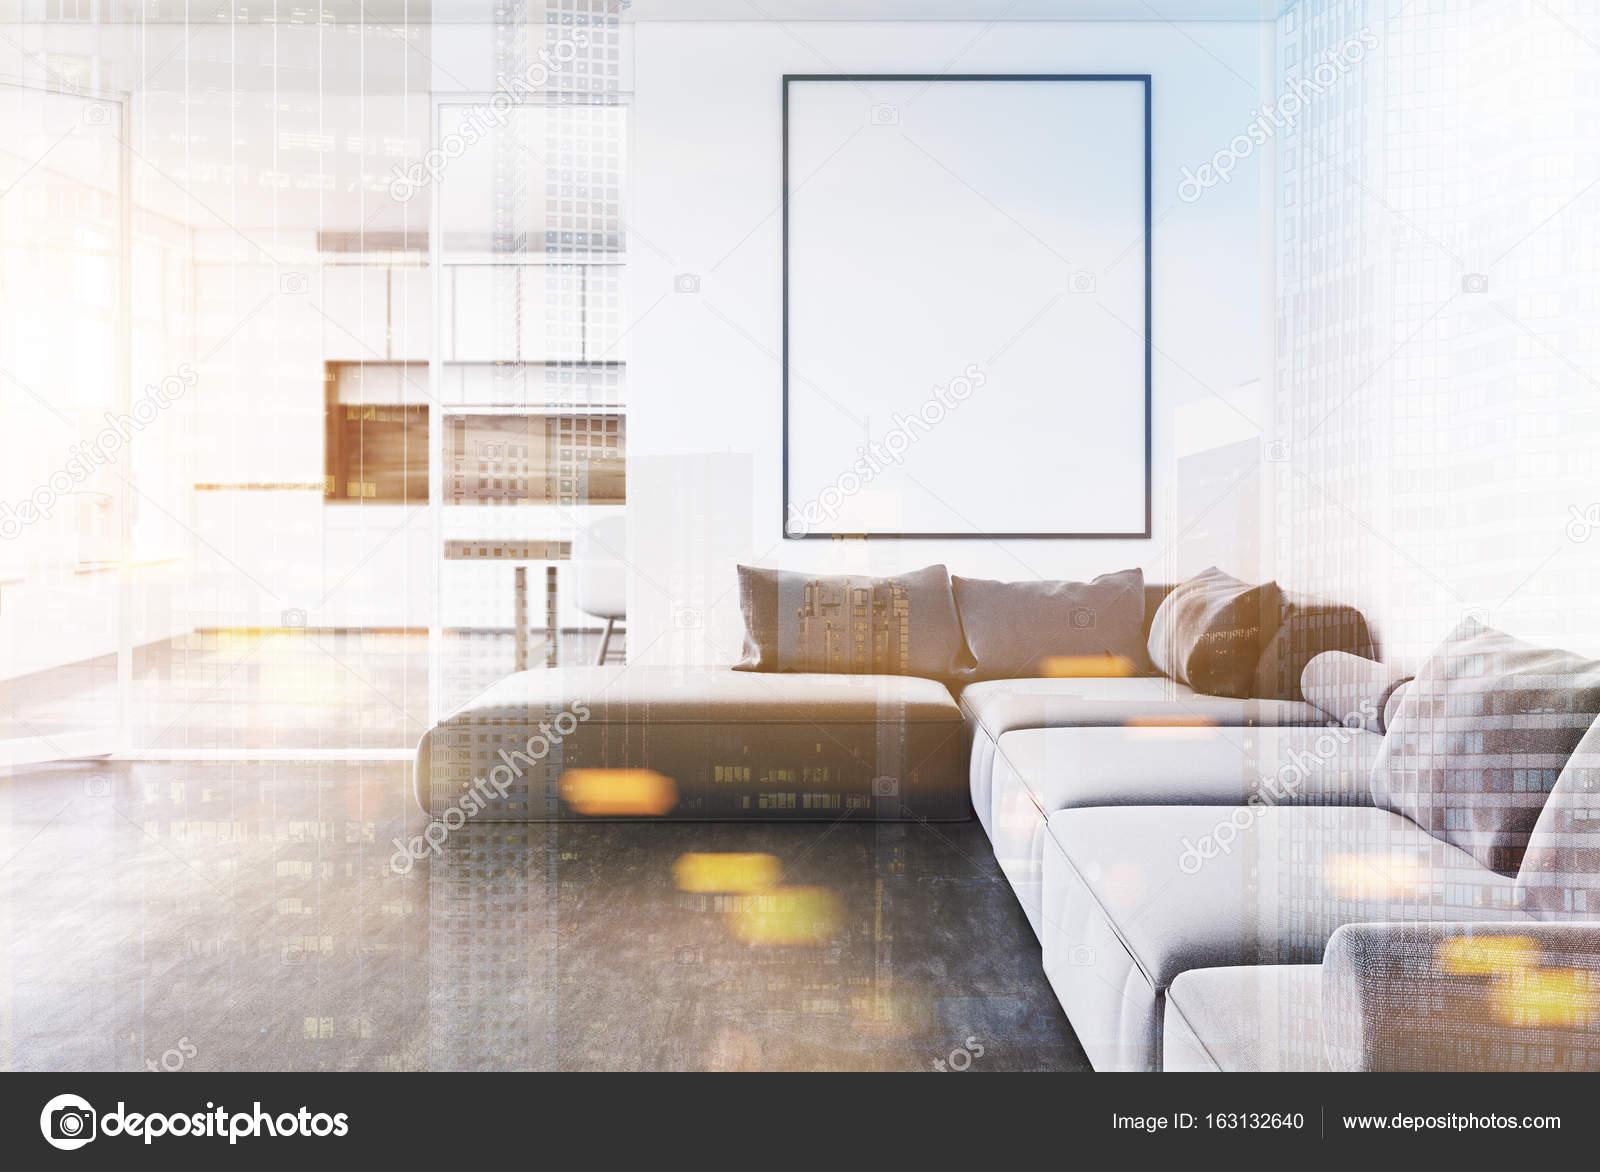 intrieur blanc salle de sjour avec un canap gris une affiche verticale encadre et une cuisine dans le fond maquettes 3d rendu image tonique double - Salon Canape Gris